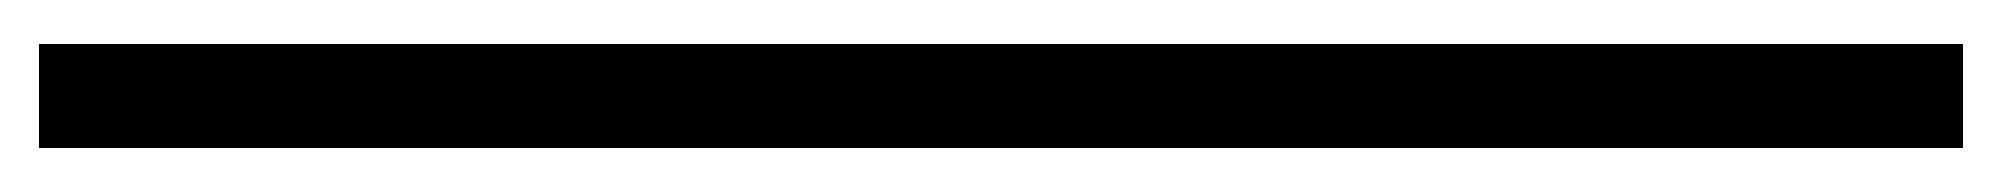 agenzia-di-marketing-online